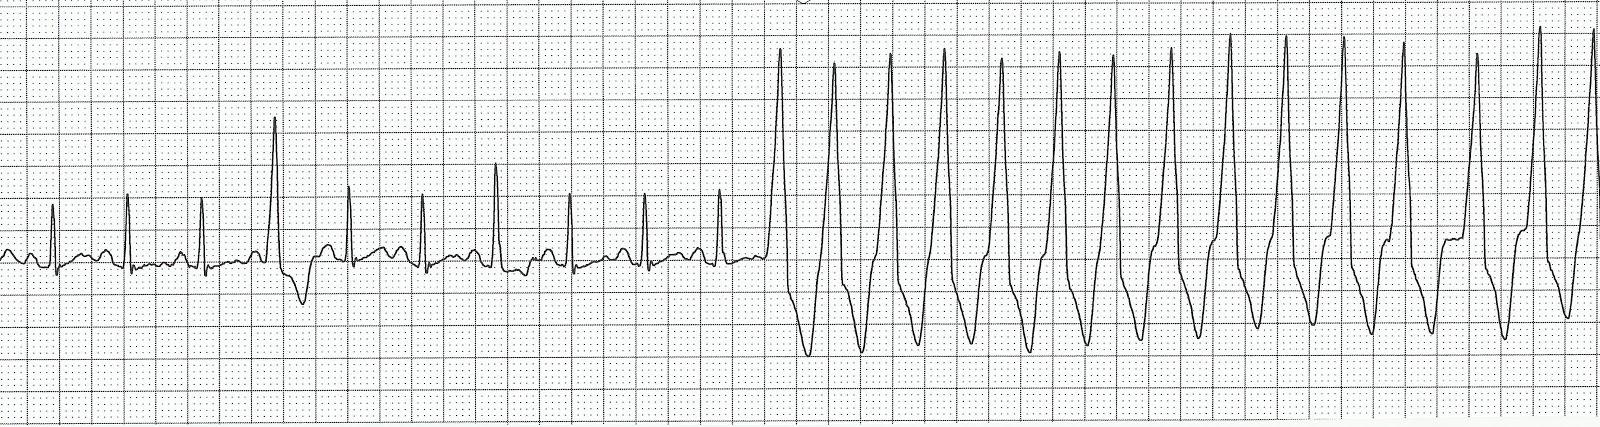 atrial tachycardia changing to multifocal atrial tachycardia cParoxysmal Atrial Tachycardia Vs Sinus Tachycardia